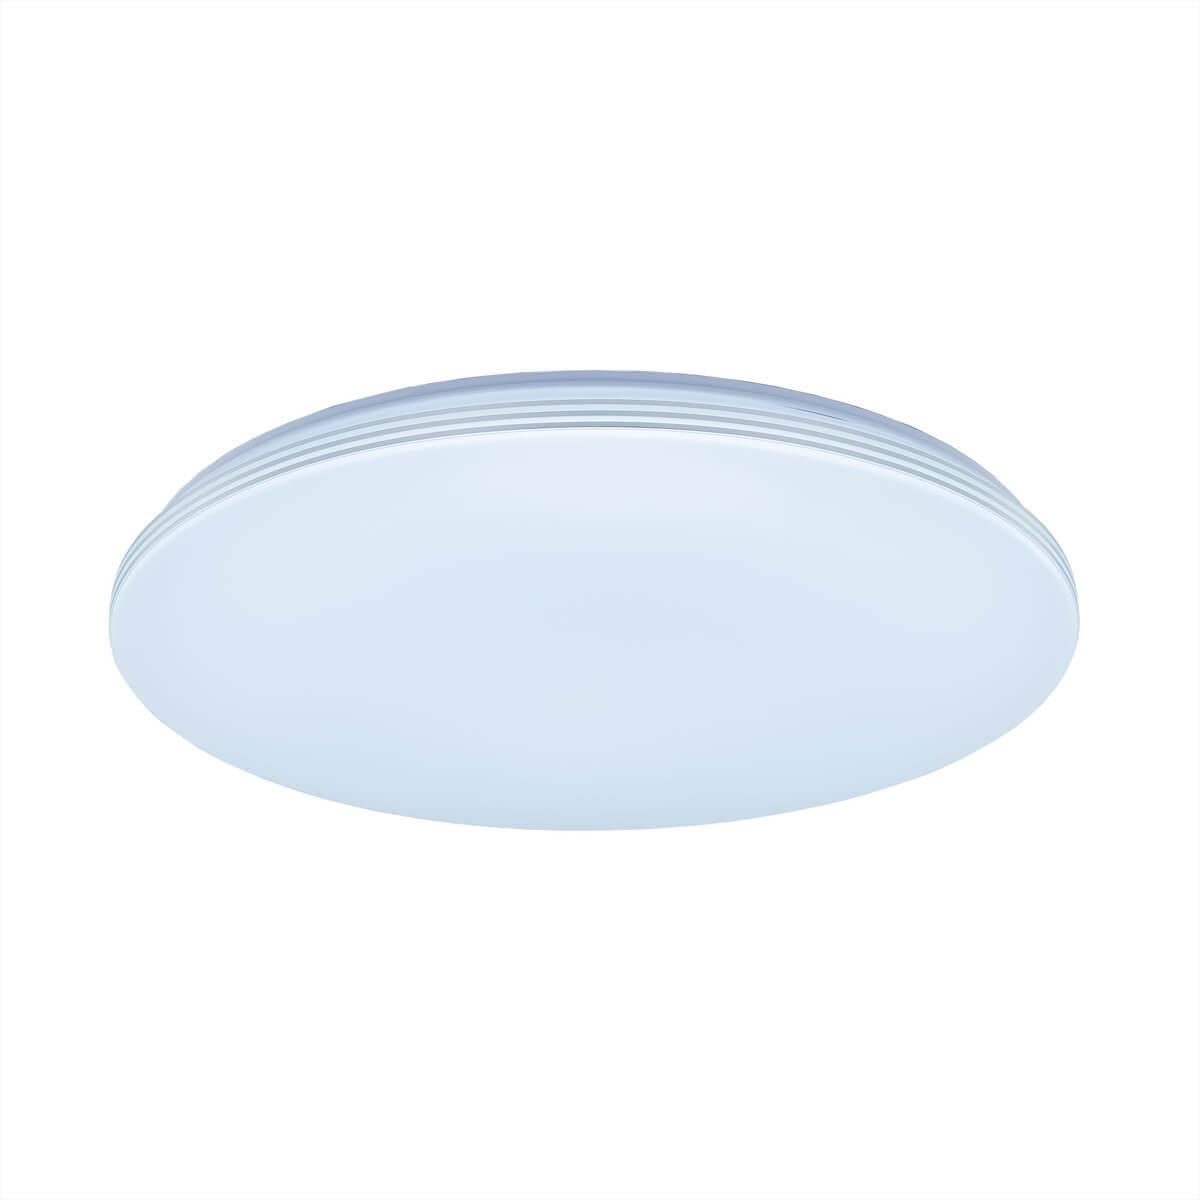 цена на Светильник Citilux CL714R48N Симпла (Пошаговое диммирование от настенного выключателя)